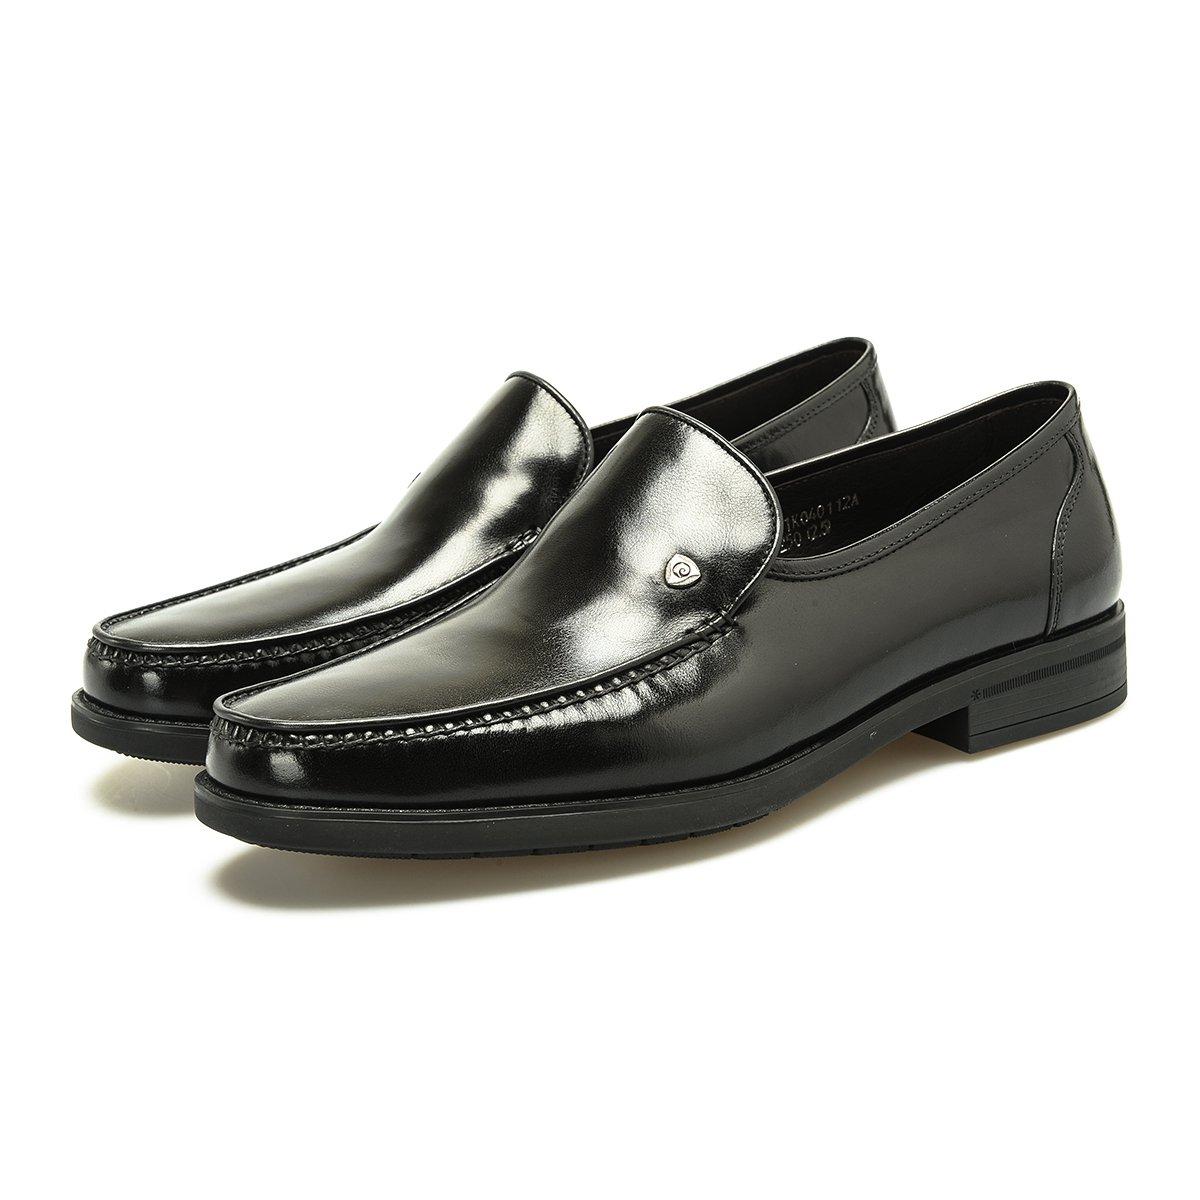 皮尔·卡丹光面软牛皮舒适一脚蹬套脚皮鞋男鞋男士商务鞋男士皮鞋P7401K040112A00